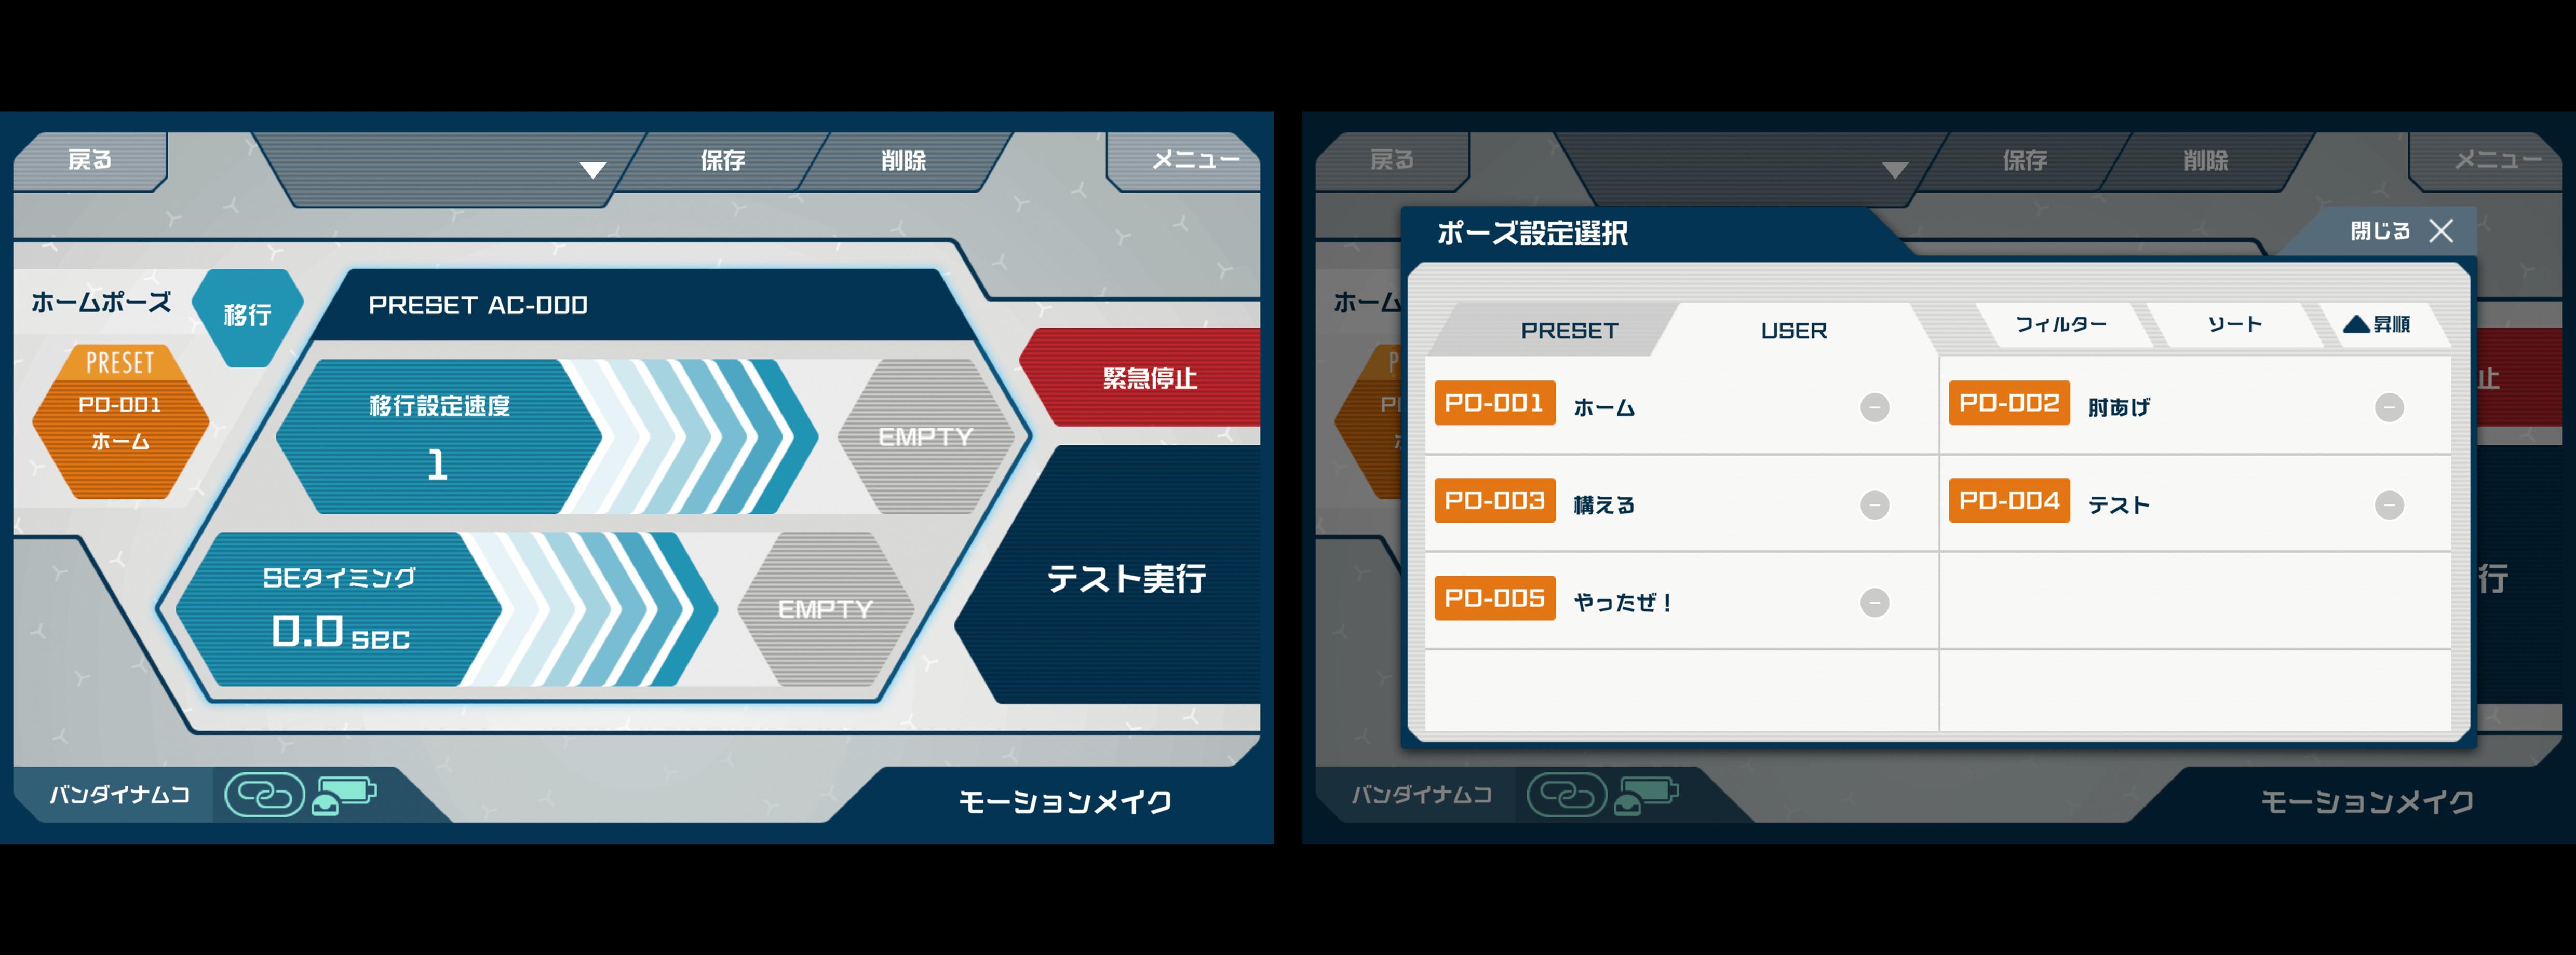 キャプ[412][413]